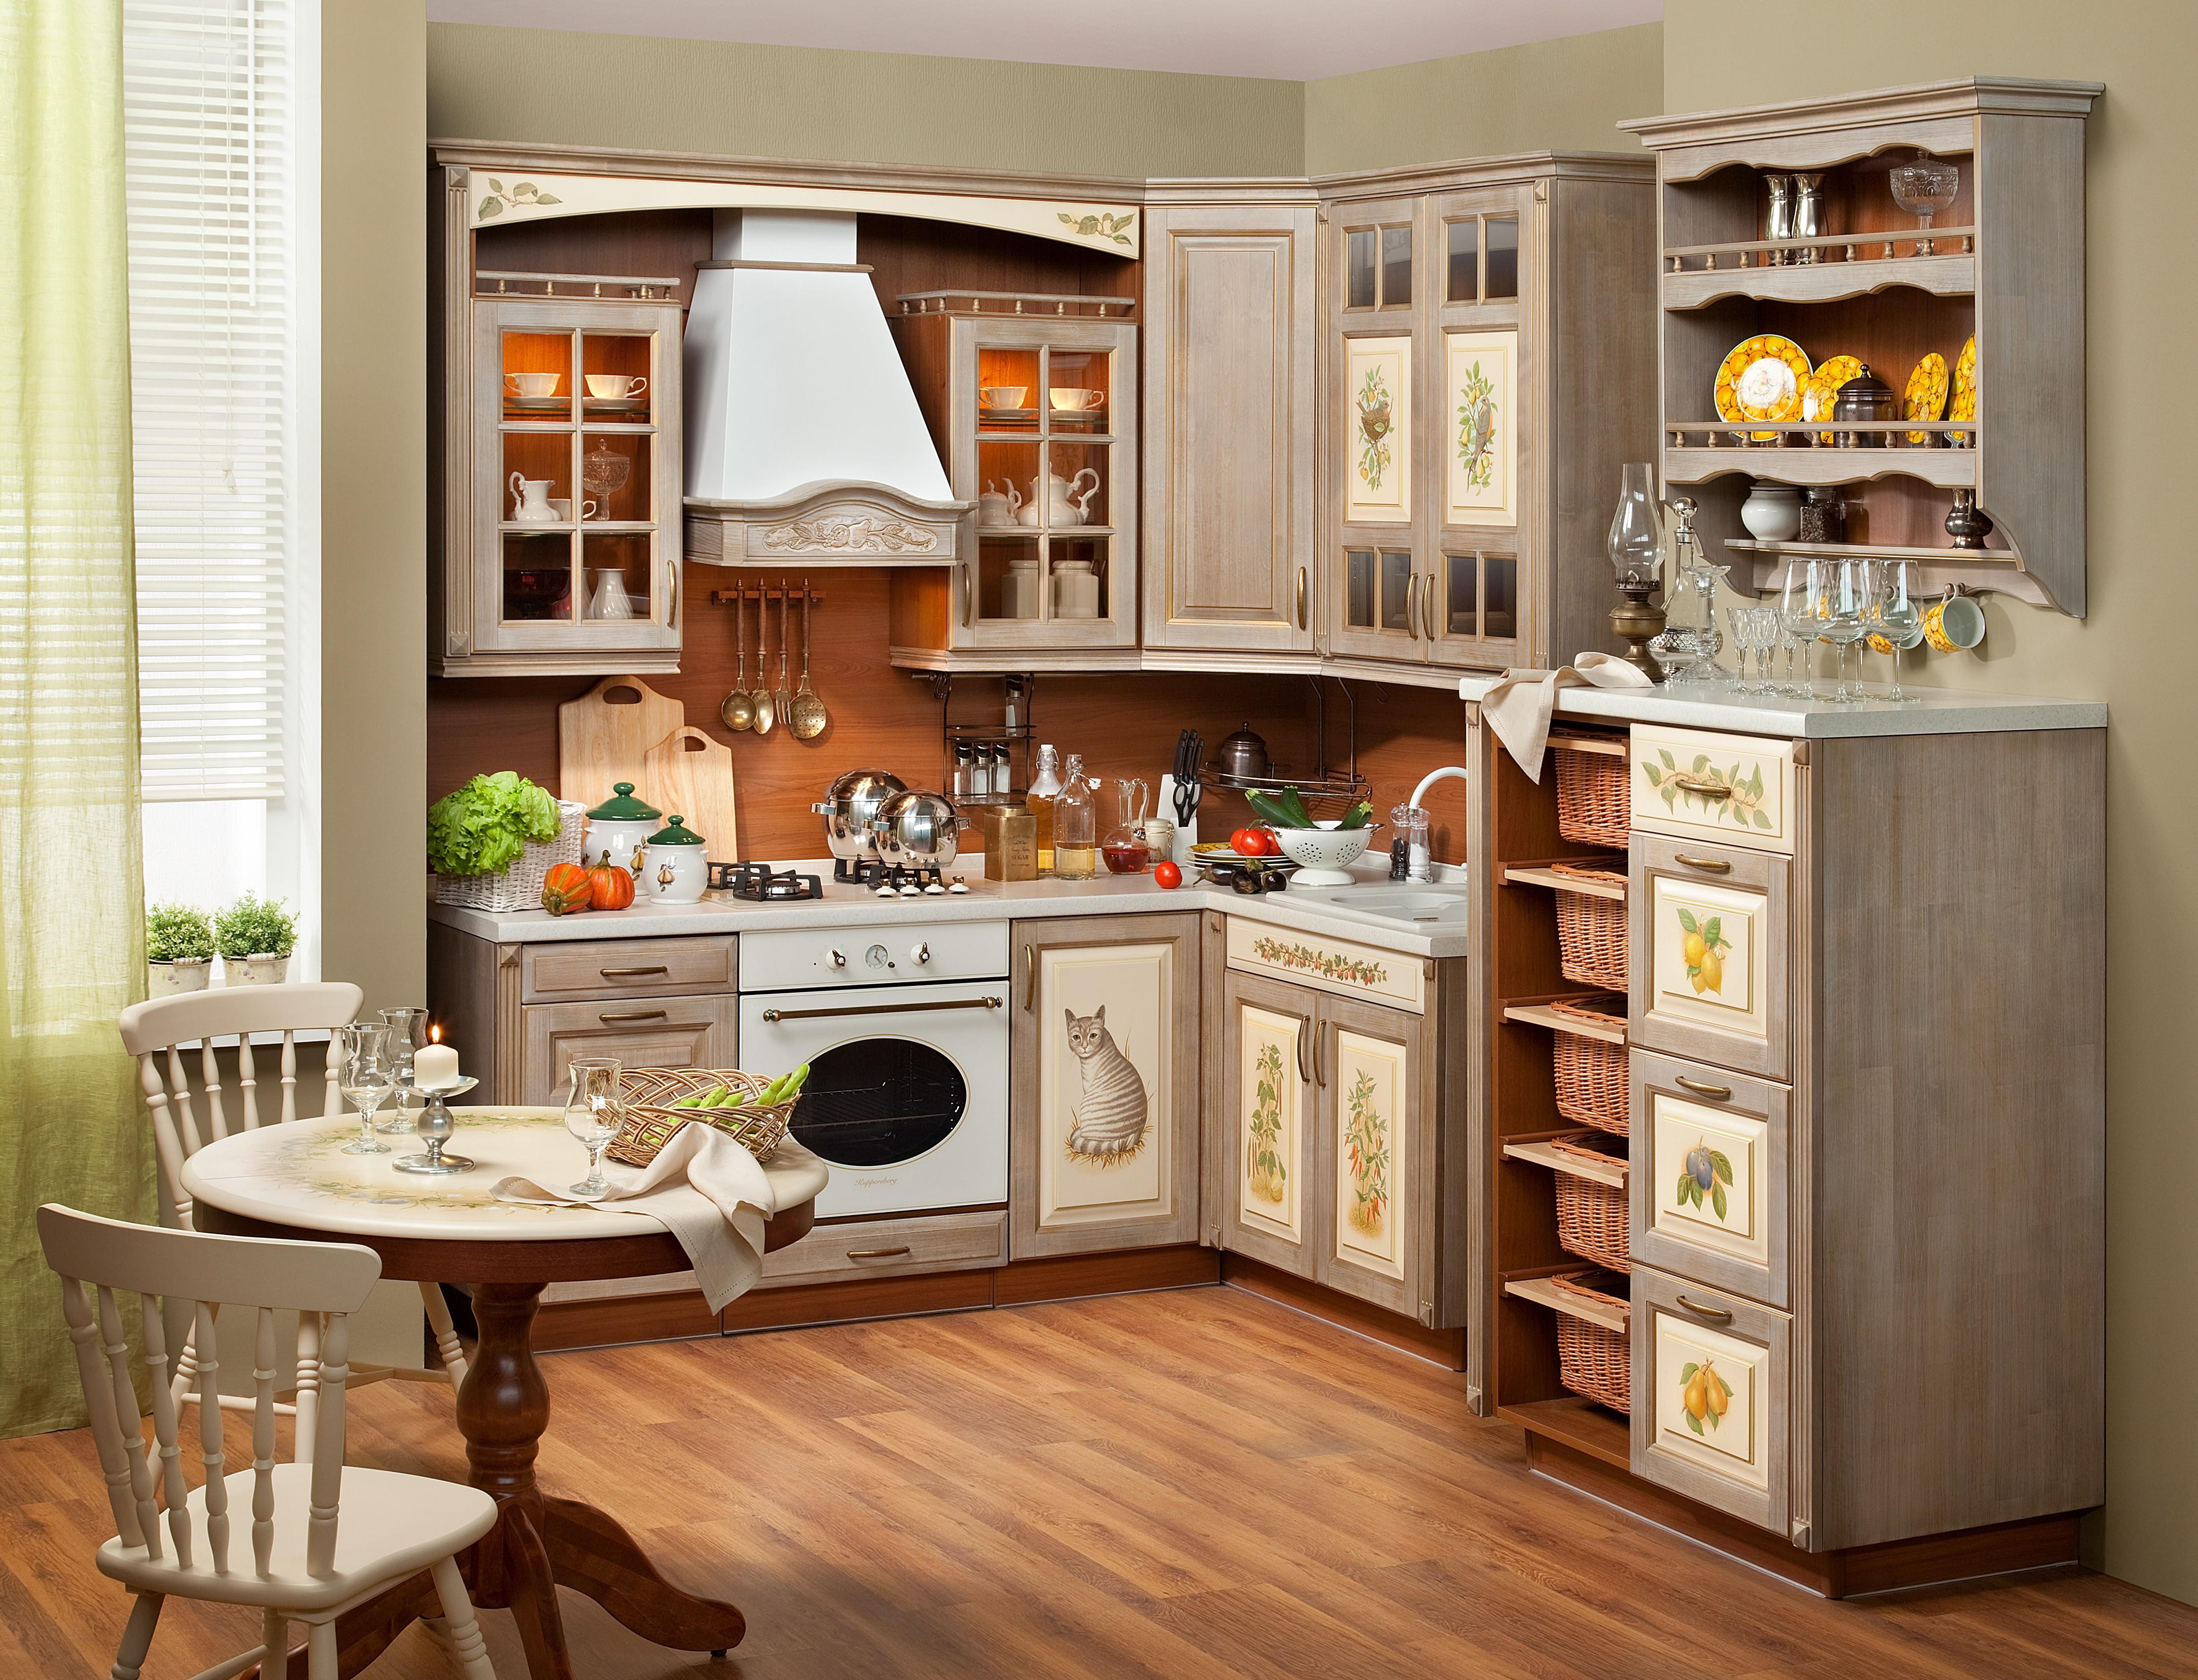 декор для кухни идеи дизайна